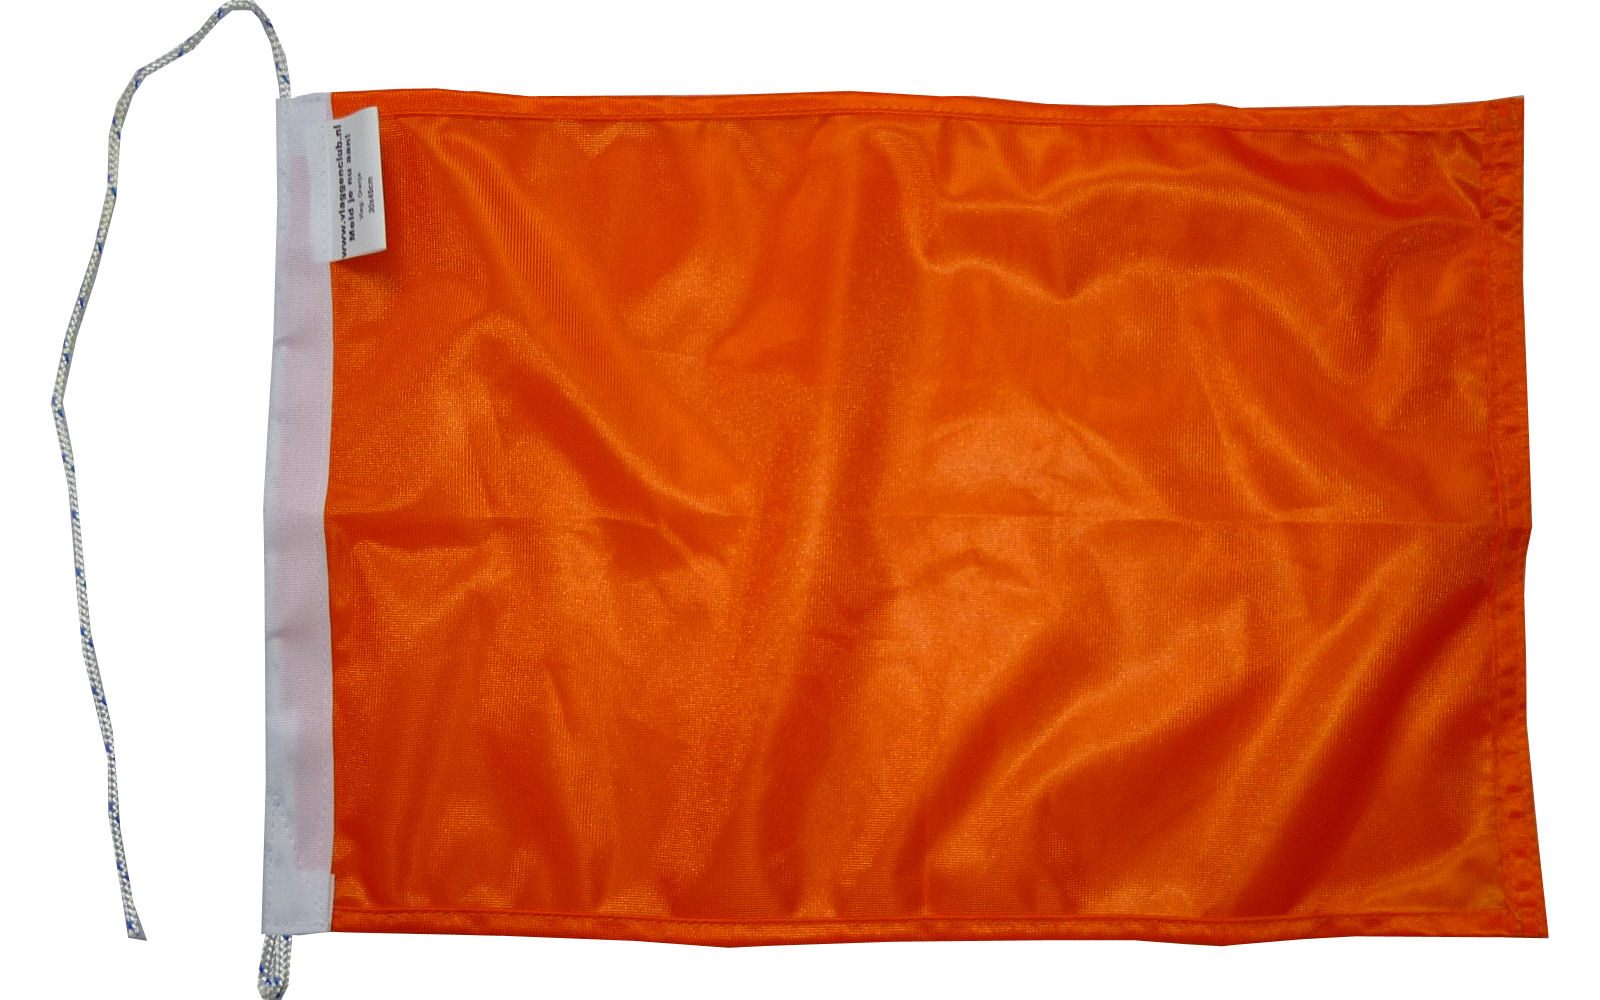 Oranje vlag rechthoekig 100x150cm koningsdag, ek, wk vlaggen